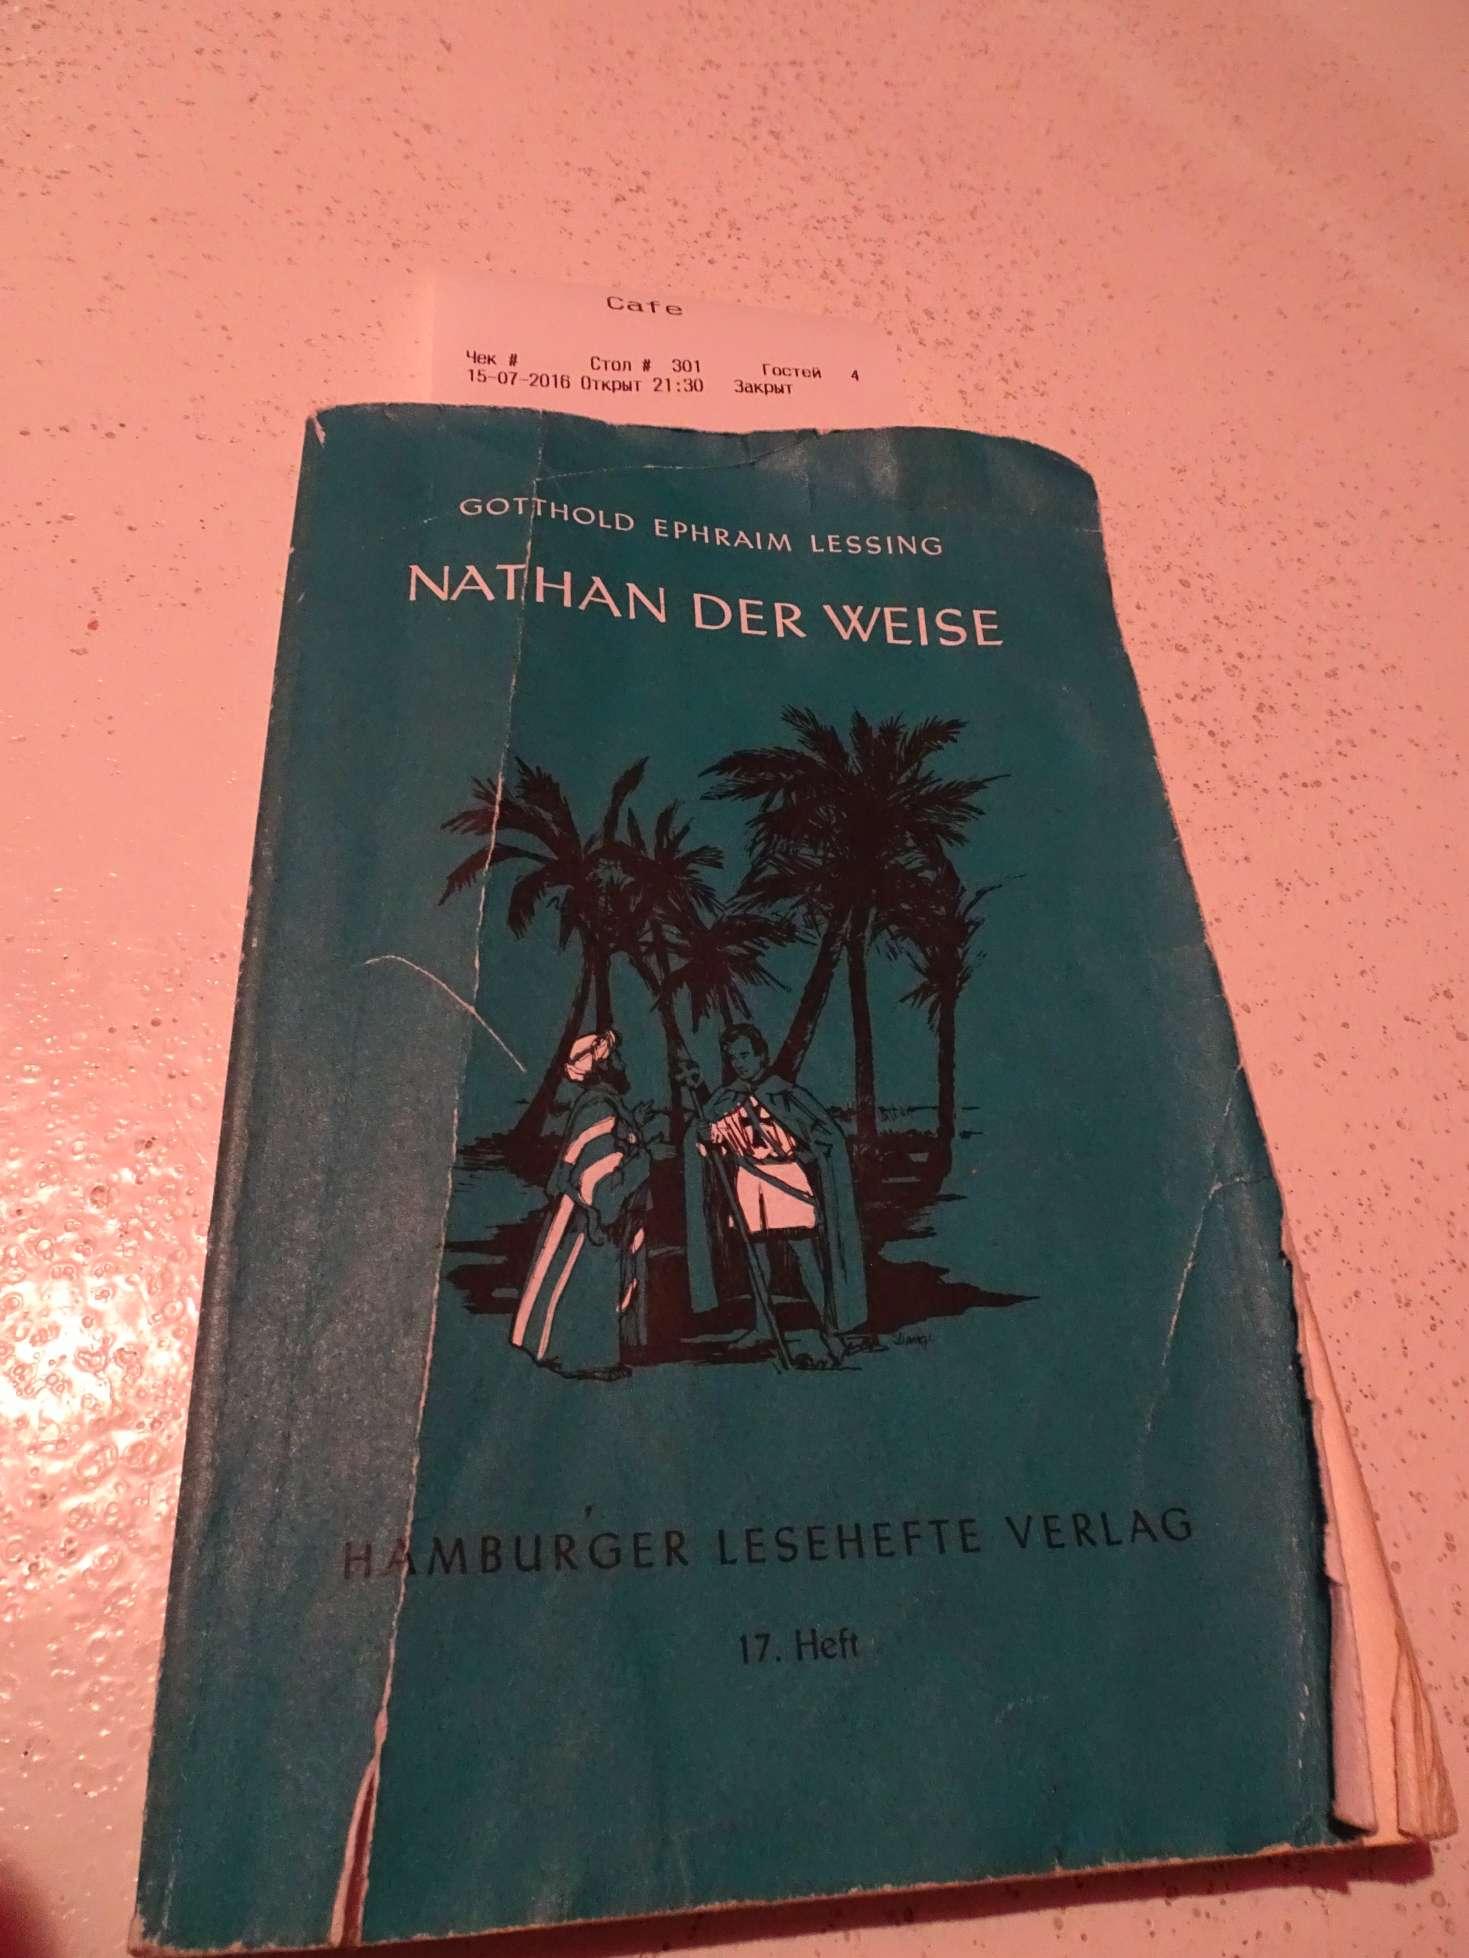 Für deutsche Gäste wird die passende Umverpackung für die Rechnung herausgesucht.